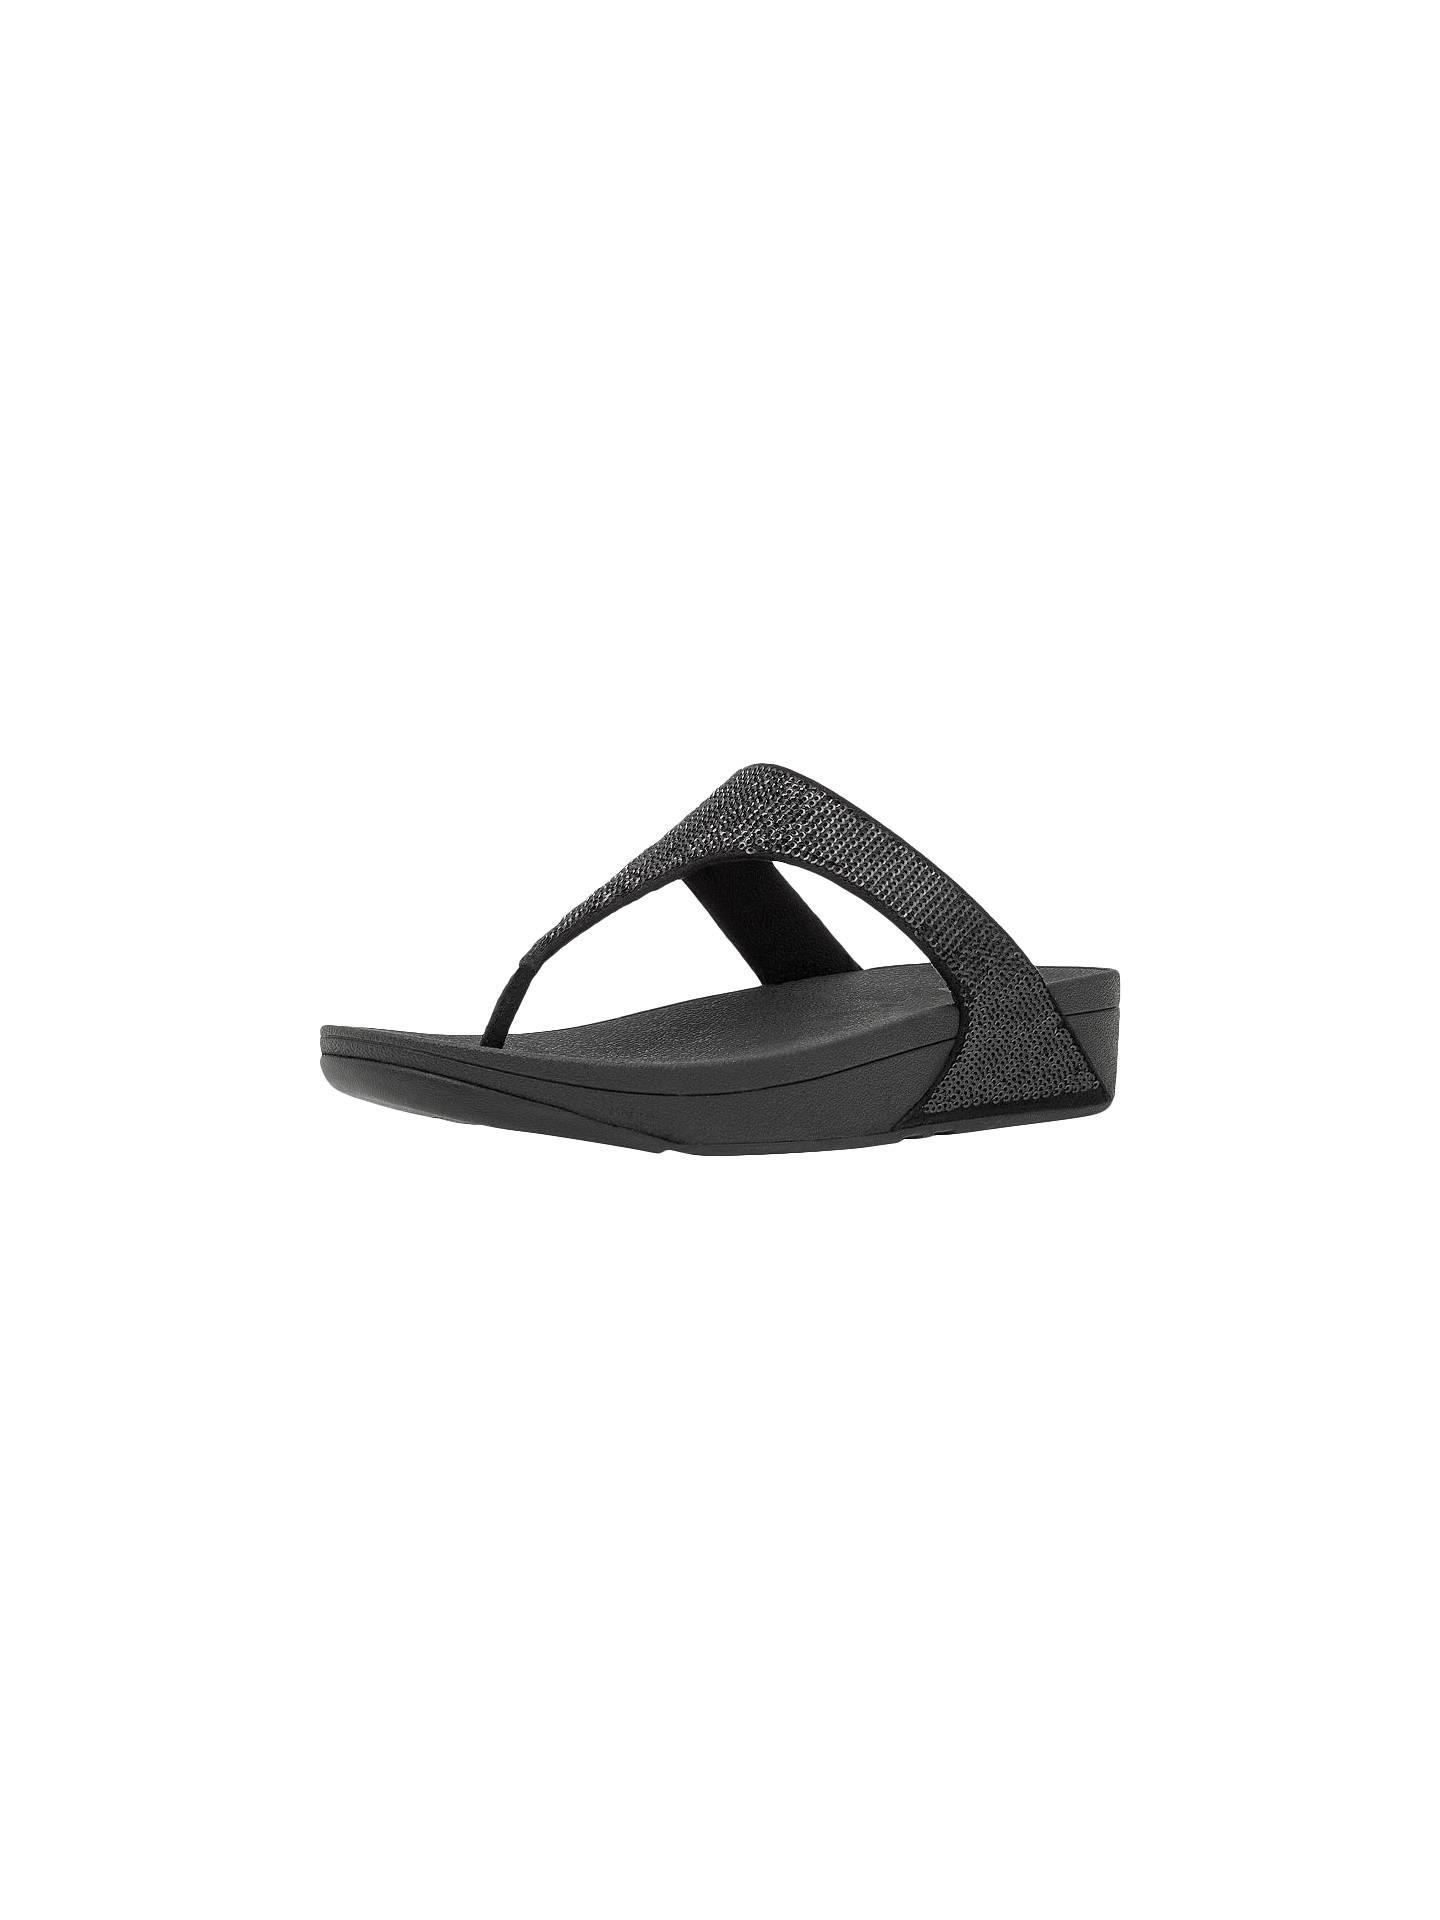 9307963953dd5 Buy FitFlop Electra Micro Toe-Post Flip Flops